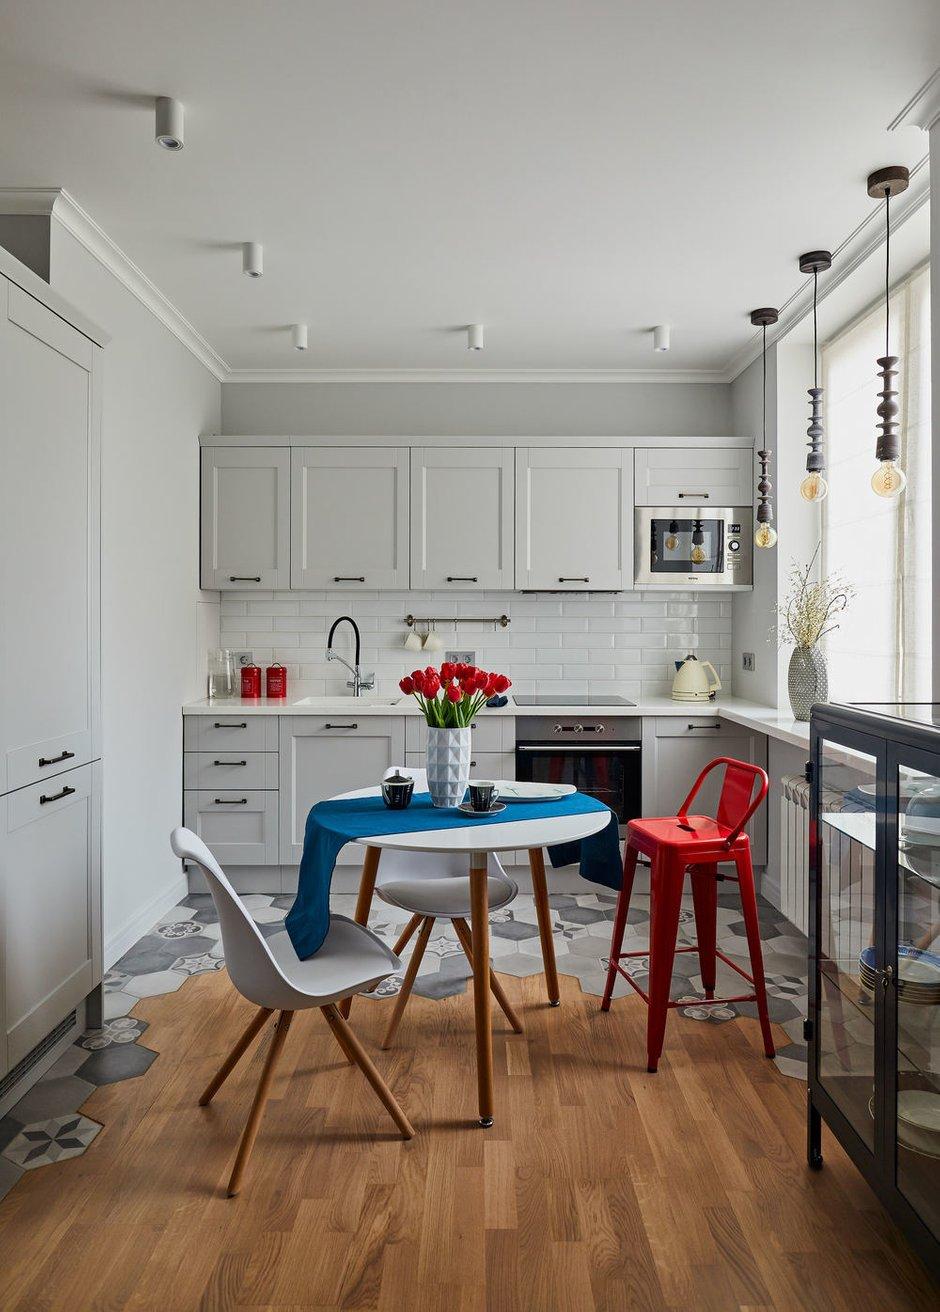 Фотография: Кухня и столовая в стиле Современный, Квартира, Студия, Проект недели, Долгопрудный, 1 комната, до 40 метров, Марина Каралкина – фото на INMYROOM